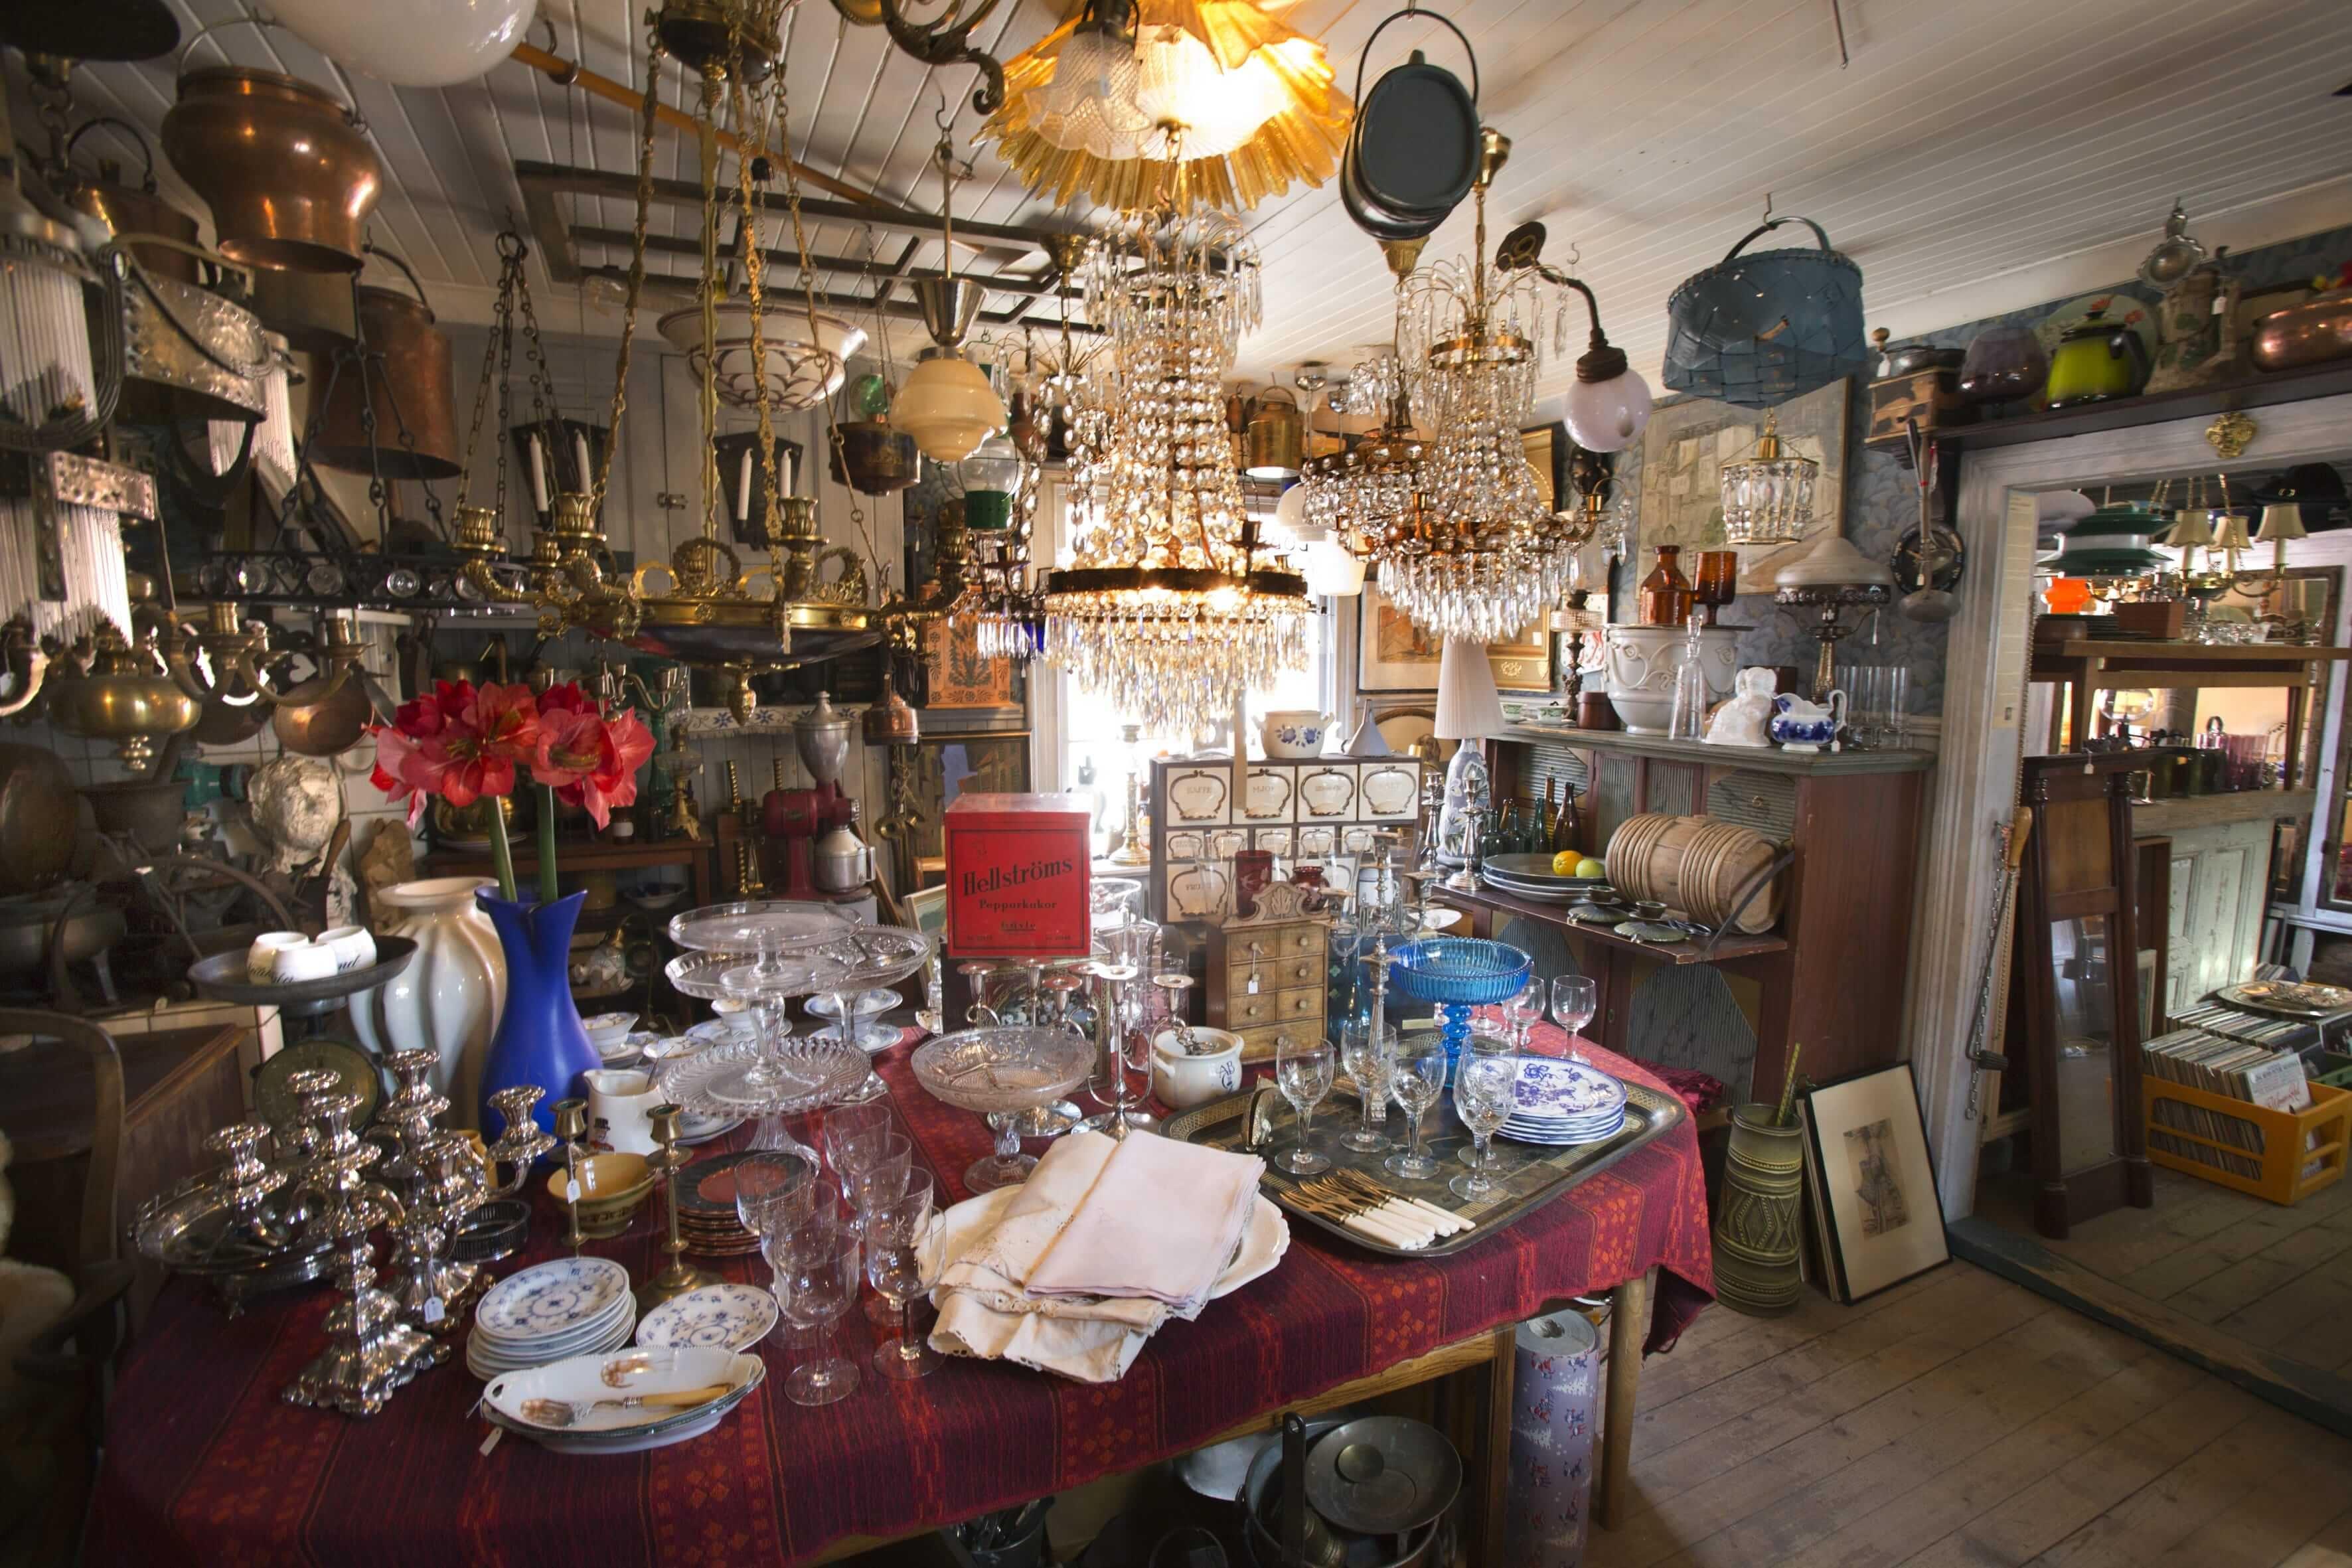 Auktionshallen Antikbod. Foto Britt Mattsson,  © Auktionshallen Antikbod. Foto Britt Mattsson, Auktionshallen Antikbod. Foto Britt Mattsson